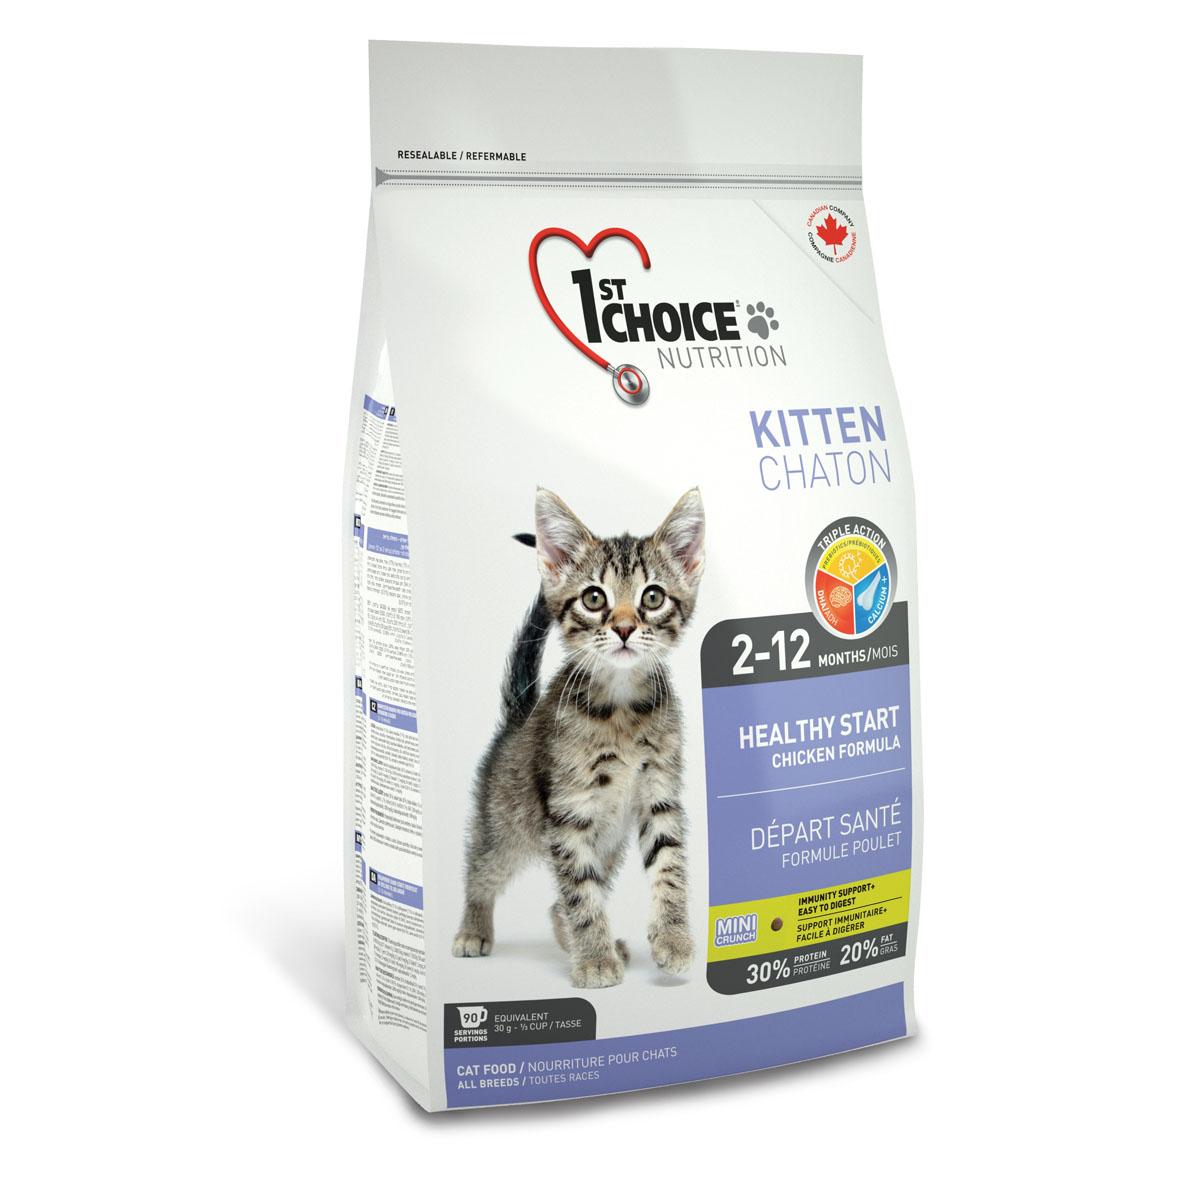 Корм сухой 1st Choice Kitten для котят, с курицей, 2,72 кг56662Сухой корм 1st Choice Kitten - идеальная формула для начального прикорма котенка с 2 месяцев, когда он нуждается в новых источниках питания вместо материнского молока. При этом нет необходимости разделять котенка с мамой. Корм содержит все необходимое не только для растущего организма, но и для беременных и кормящих кошек. Оптимальное питание для старта в здоровую жизнь. Помогает сохранить идеальную кондицию и оптимальный вес. Идеальный рН-баланс для здоровья мочевыделительной системы. Содержит экстракт юкки Шидигера, которая связывает аммиак и уменьшает запах экскрементов. Состав: свежая курица 17%, мука из мяса курицы 17%, рис, куриный жир, сохраненный смесью натуральных токоферолов (витамин Е), гороховый протеин, сушеное яйцо, мука из американской сельди (менхаден), коричневый рис, специально обработанные ядра ячменя и овса, гидролизат куриной печени, мякоть свеклы, клетчатка гороха, цельное семя льна, жир лосося (источник DHA), сушеная мякоть томата, калия хлорид,...